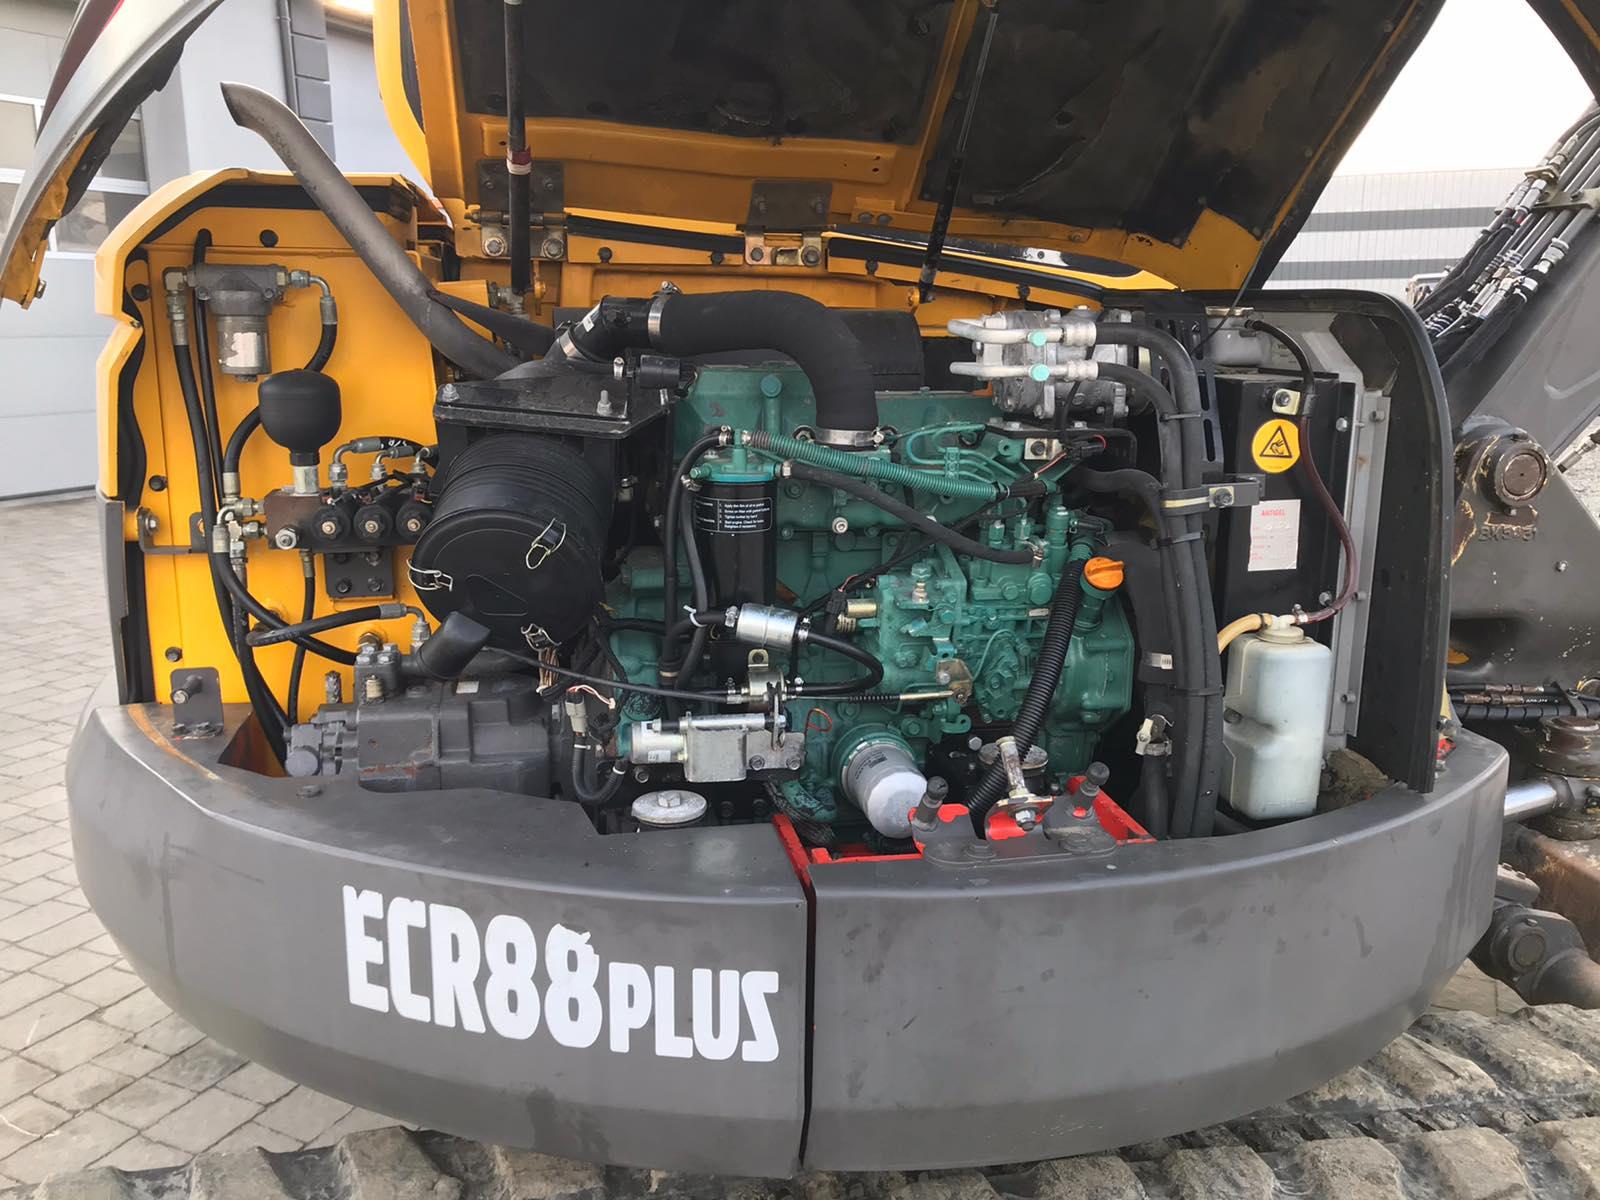 Фото №11 - Мини экскаватор Volvo ECR88 Plus 2000 г.